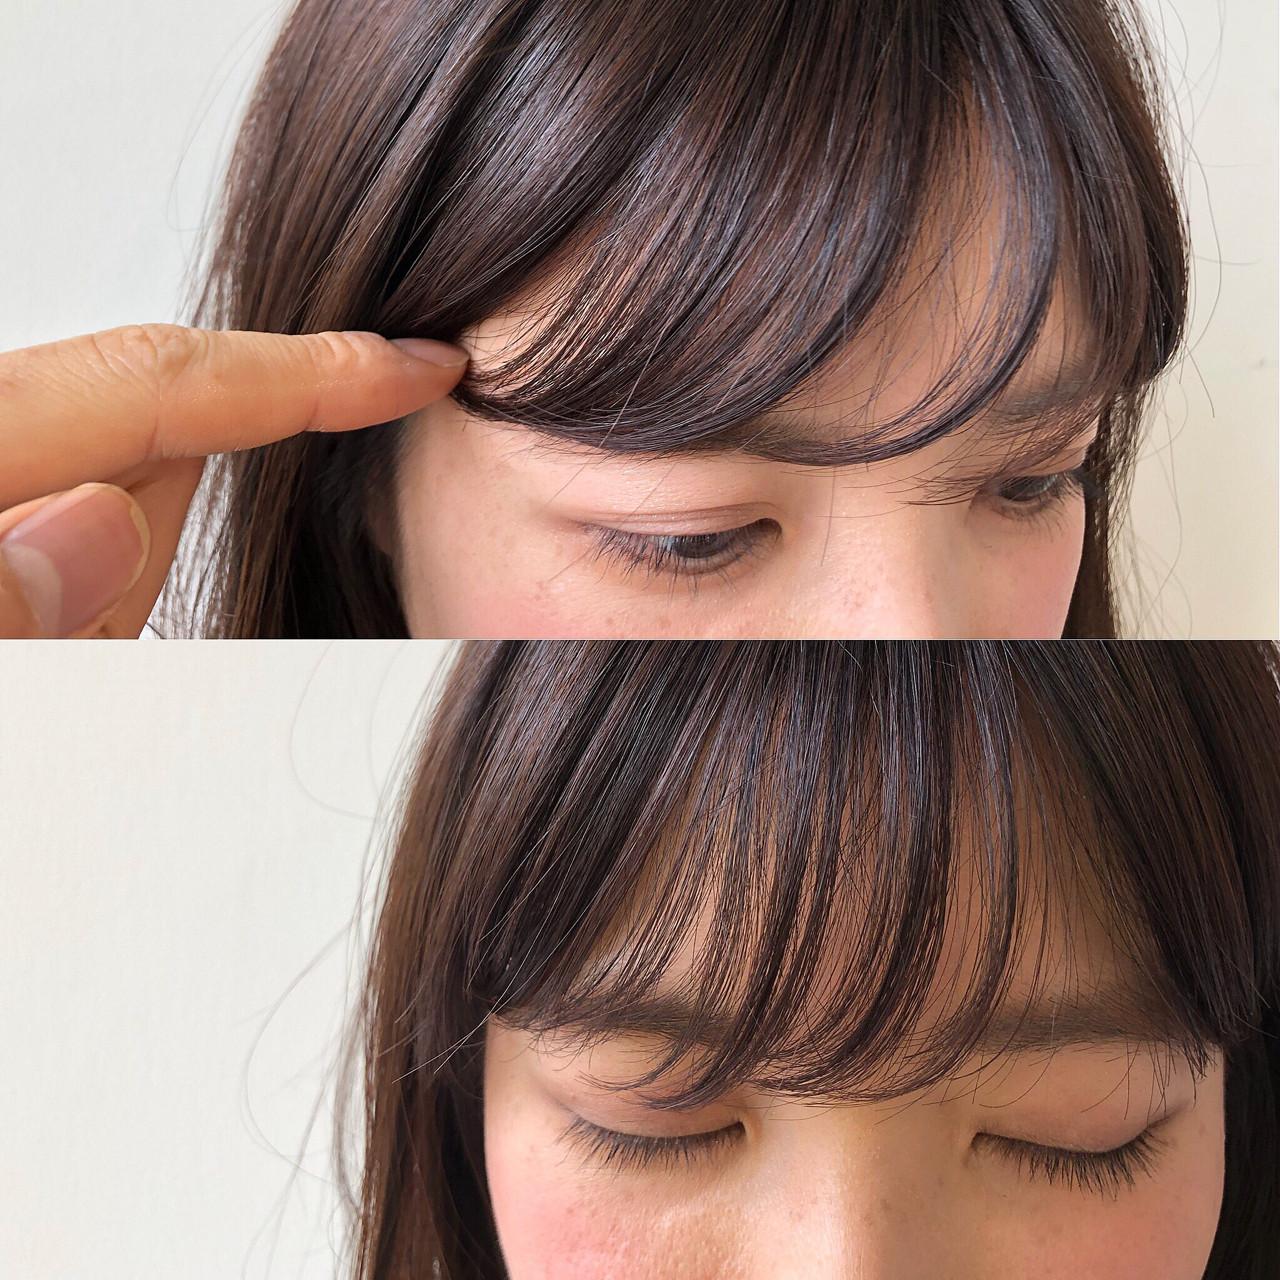 フリンジバング 前髪あり 流し前髪 シースルーバング ヘアスタイルや髪型の写真・画像 | 大沼圭吾 / GARDEN harajuku